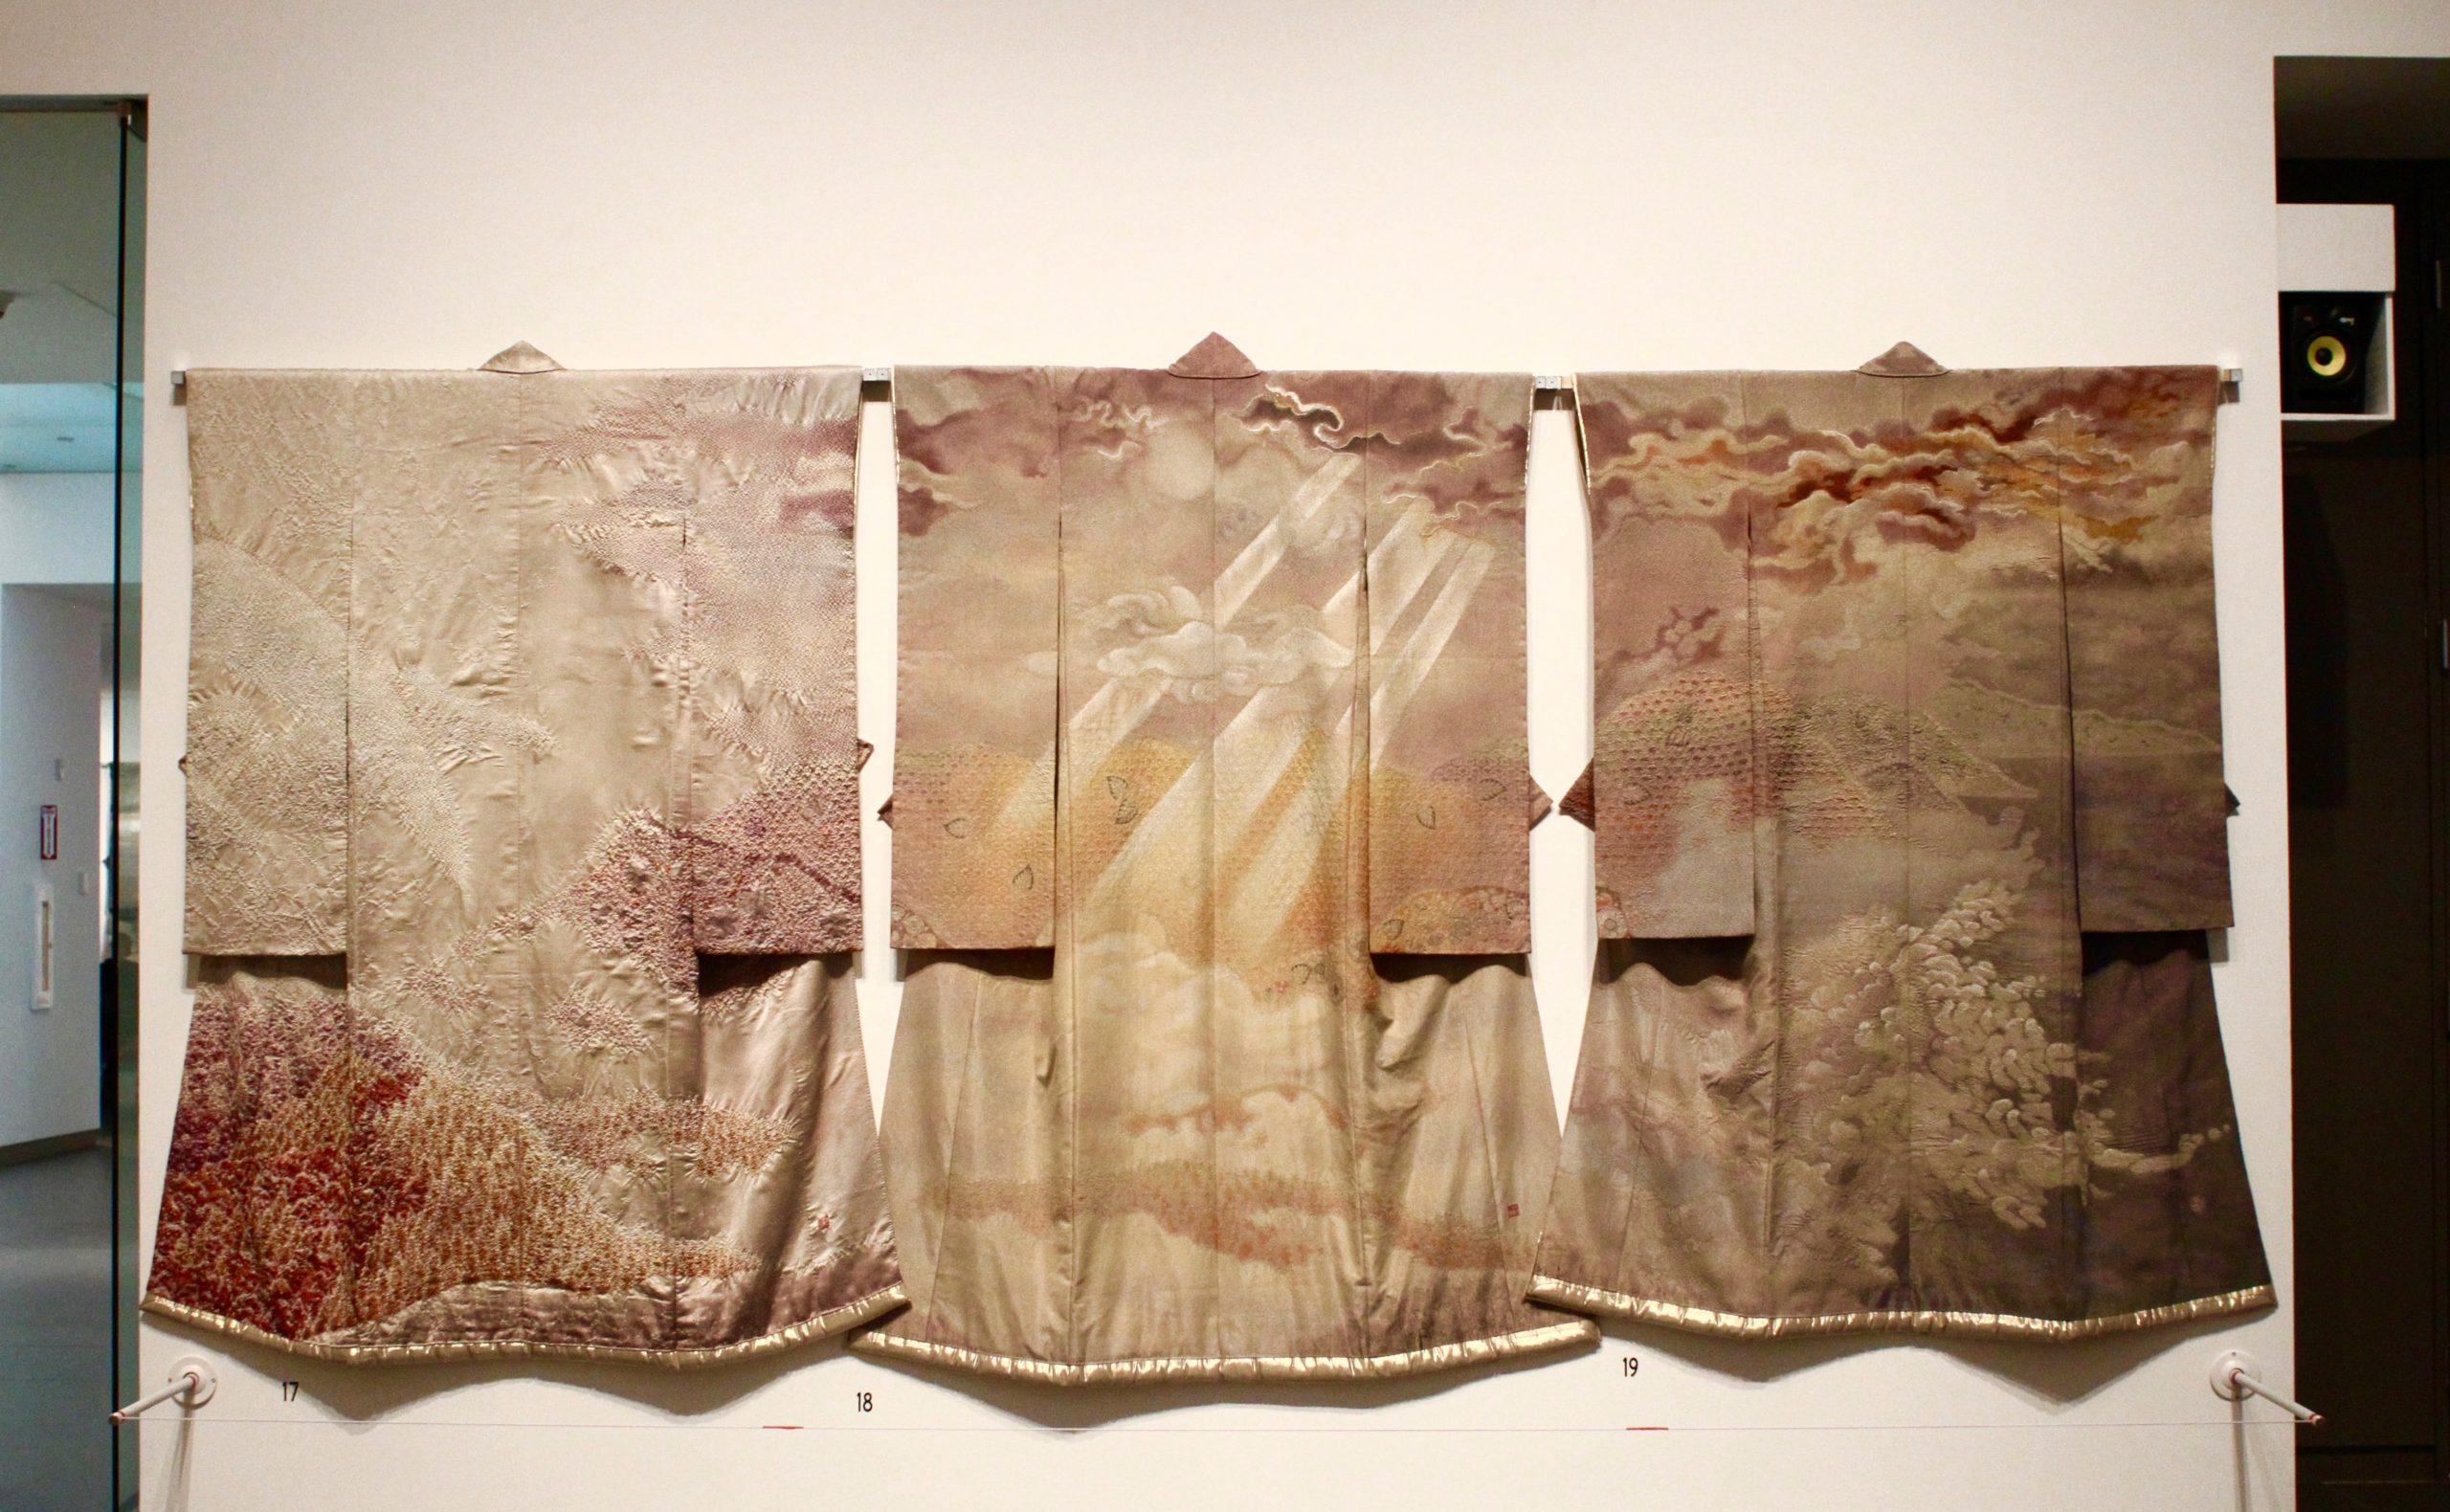 Looking back, moving forward – reflecting on the Itchiku Kubota exhibition